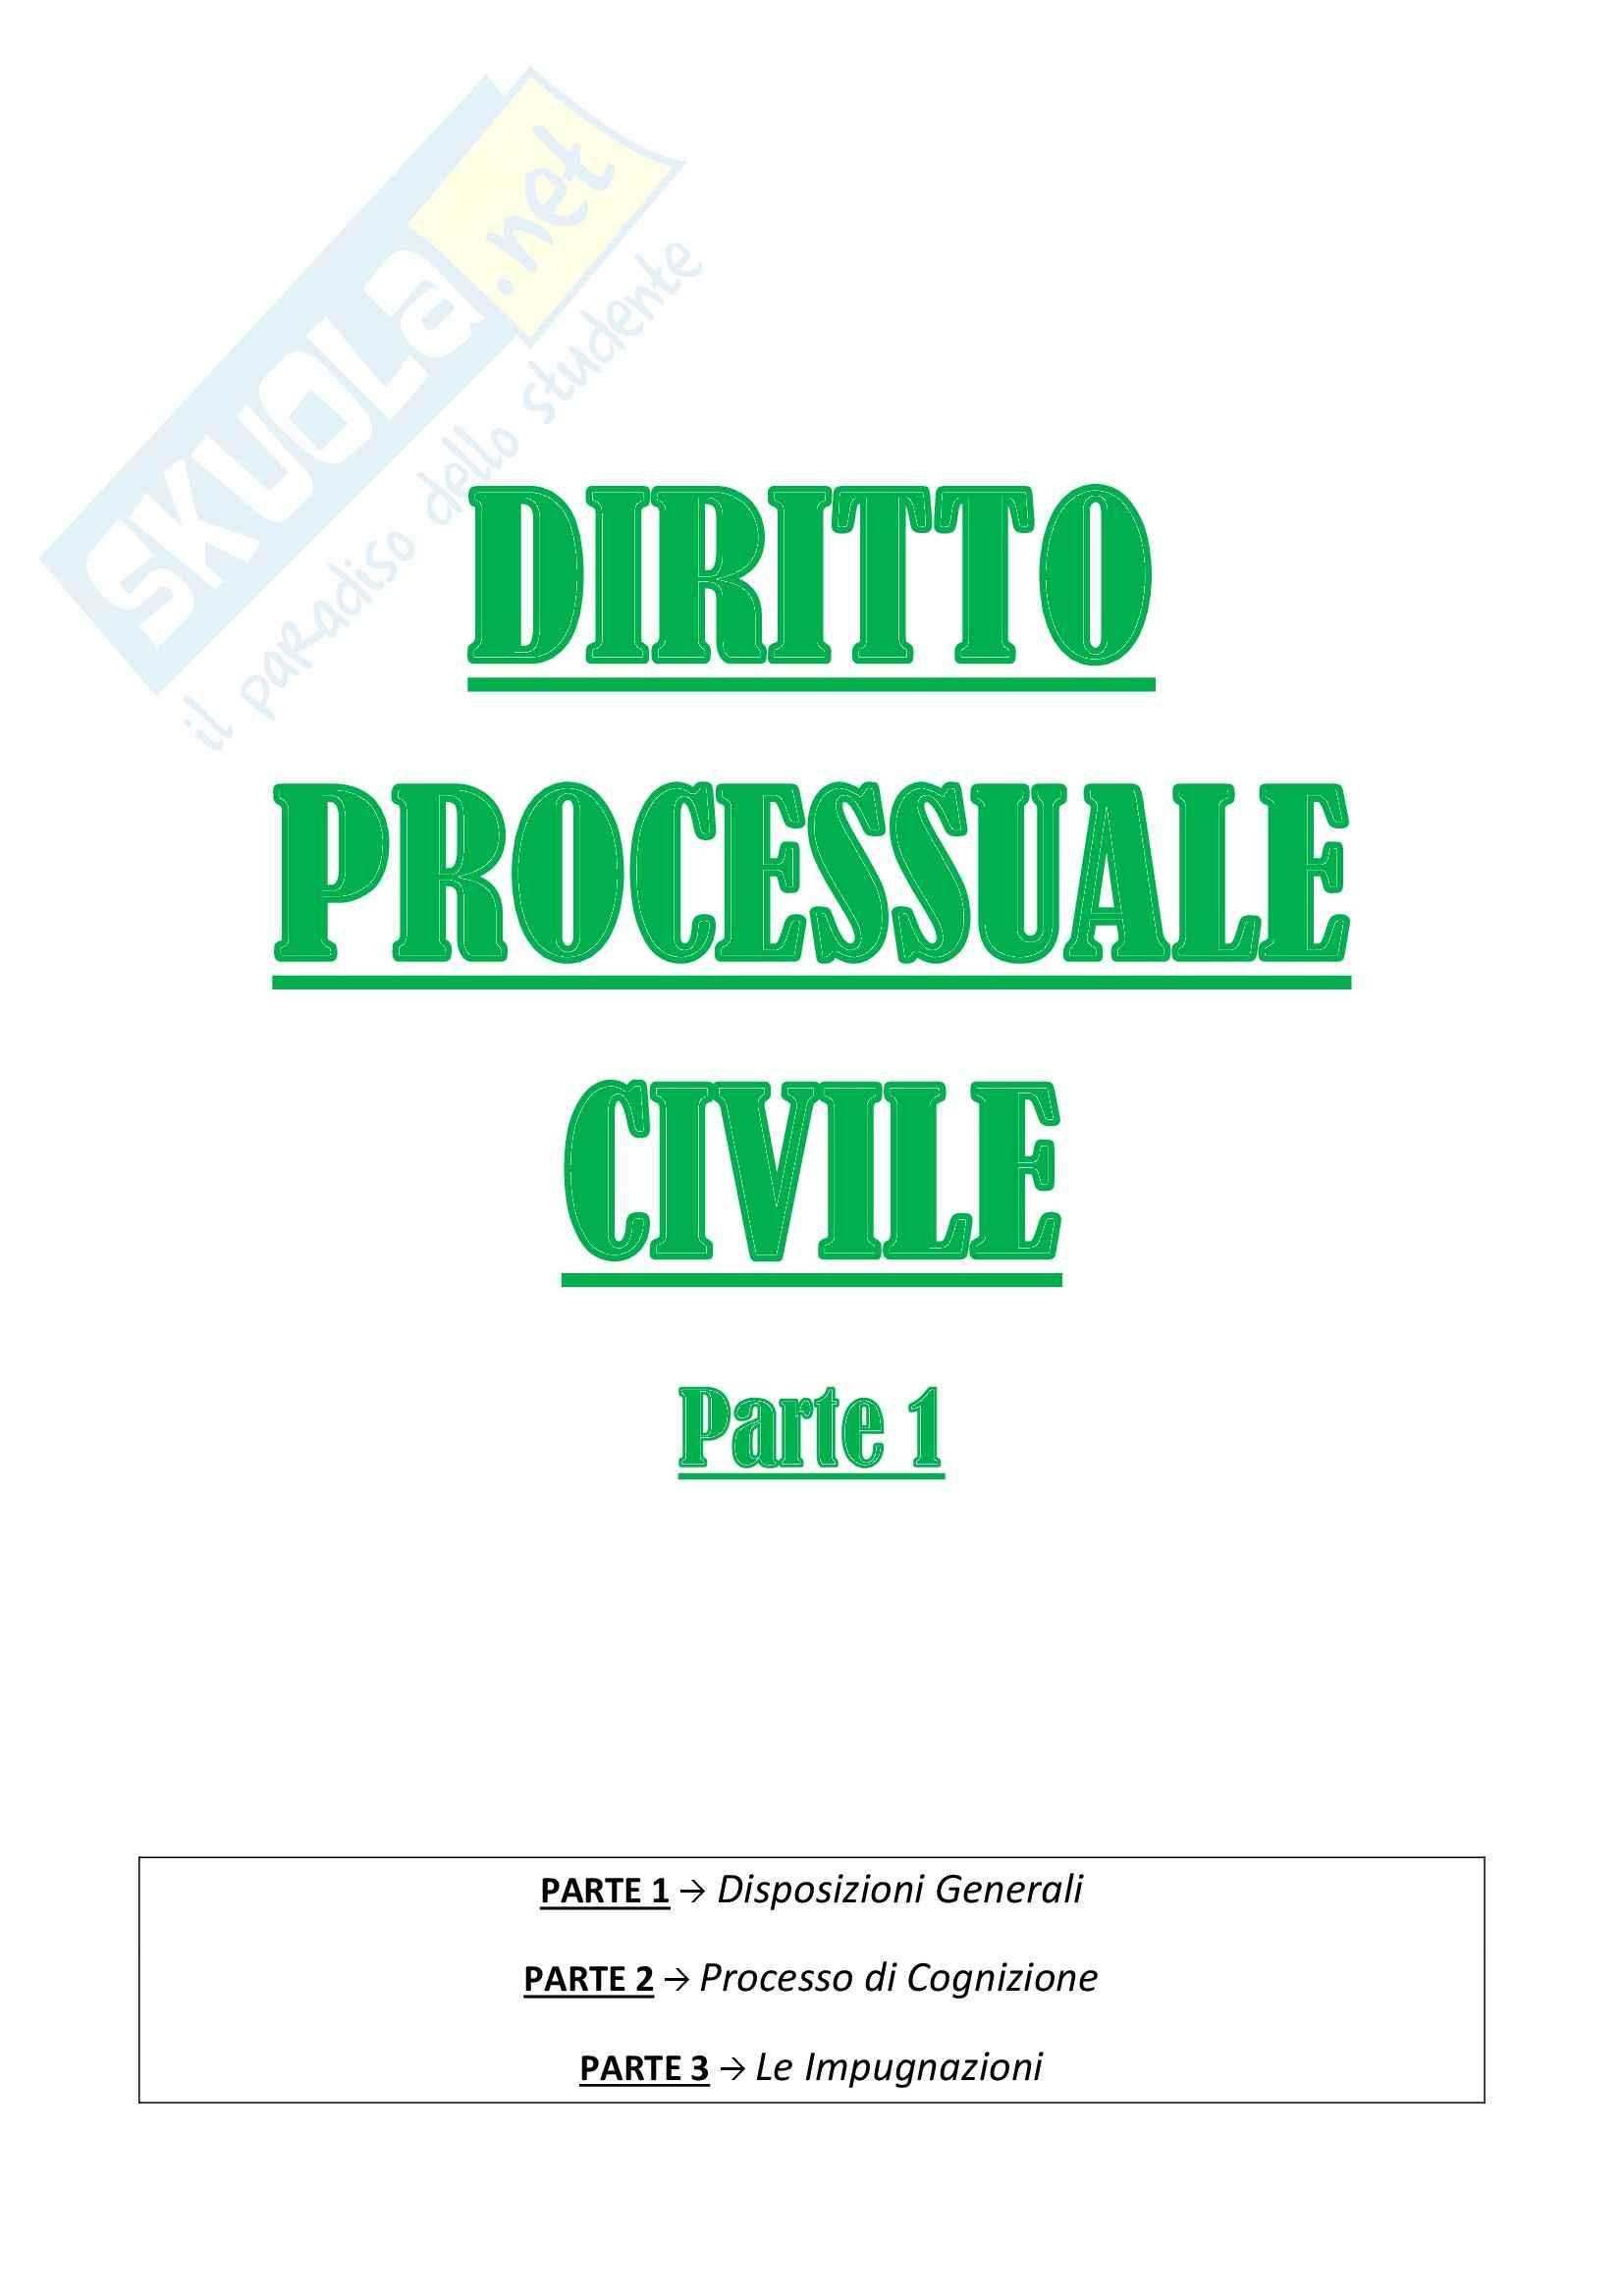 Diritto processuale civile I - parte 1